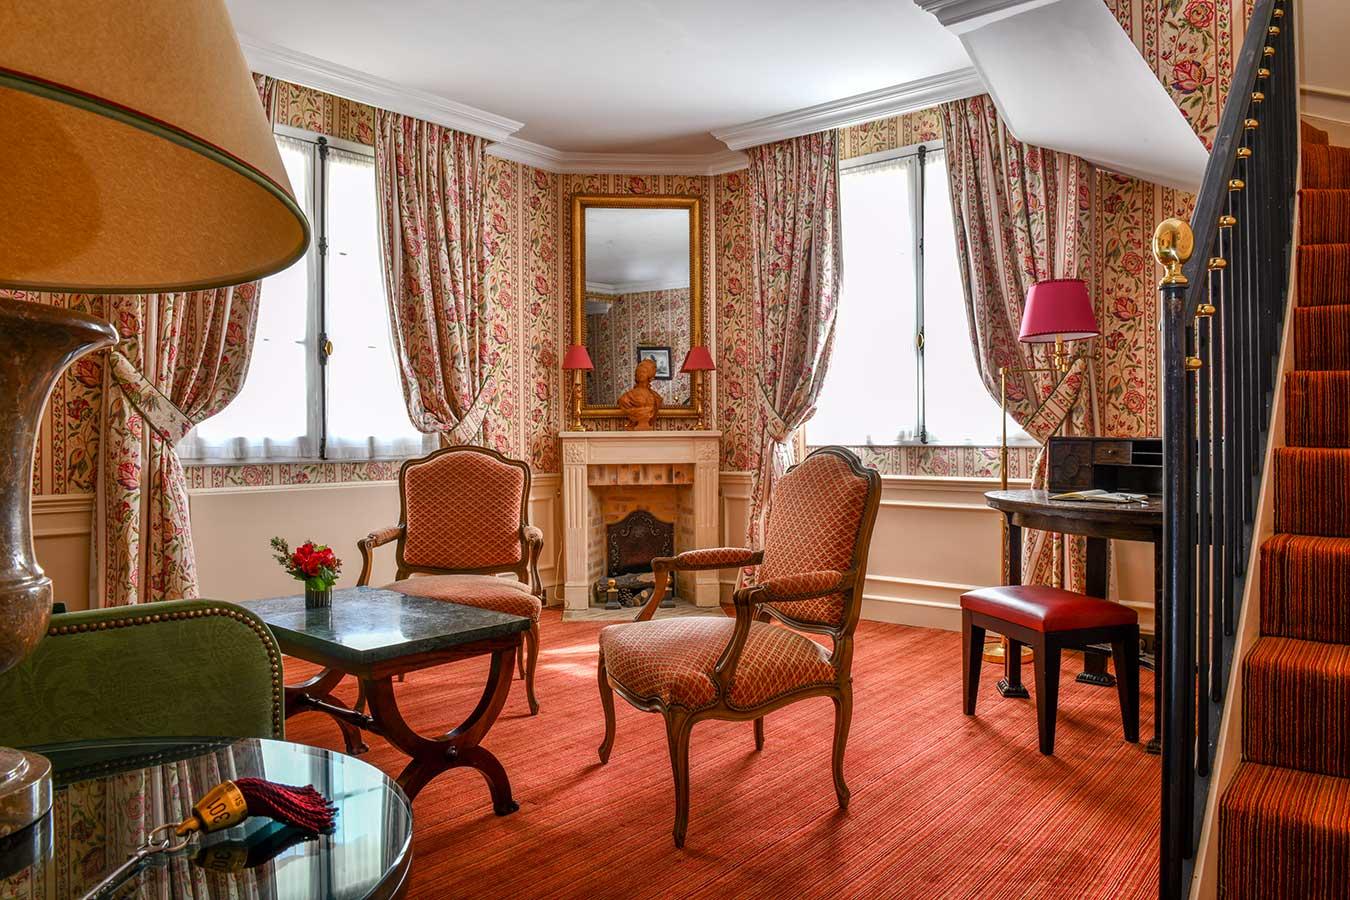 Appartement Terrasse - Grand salon avec escalier menant à la chambre, fauteuils, canapé, table basse, cheminée et bureau, dans une harmonie de rouge et rose